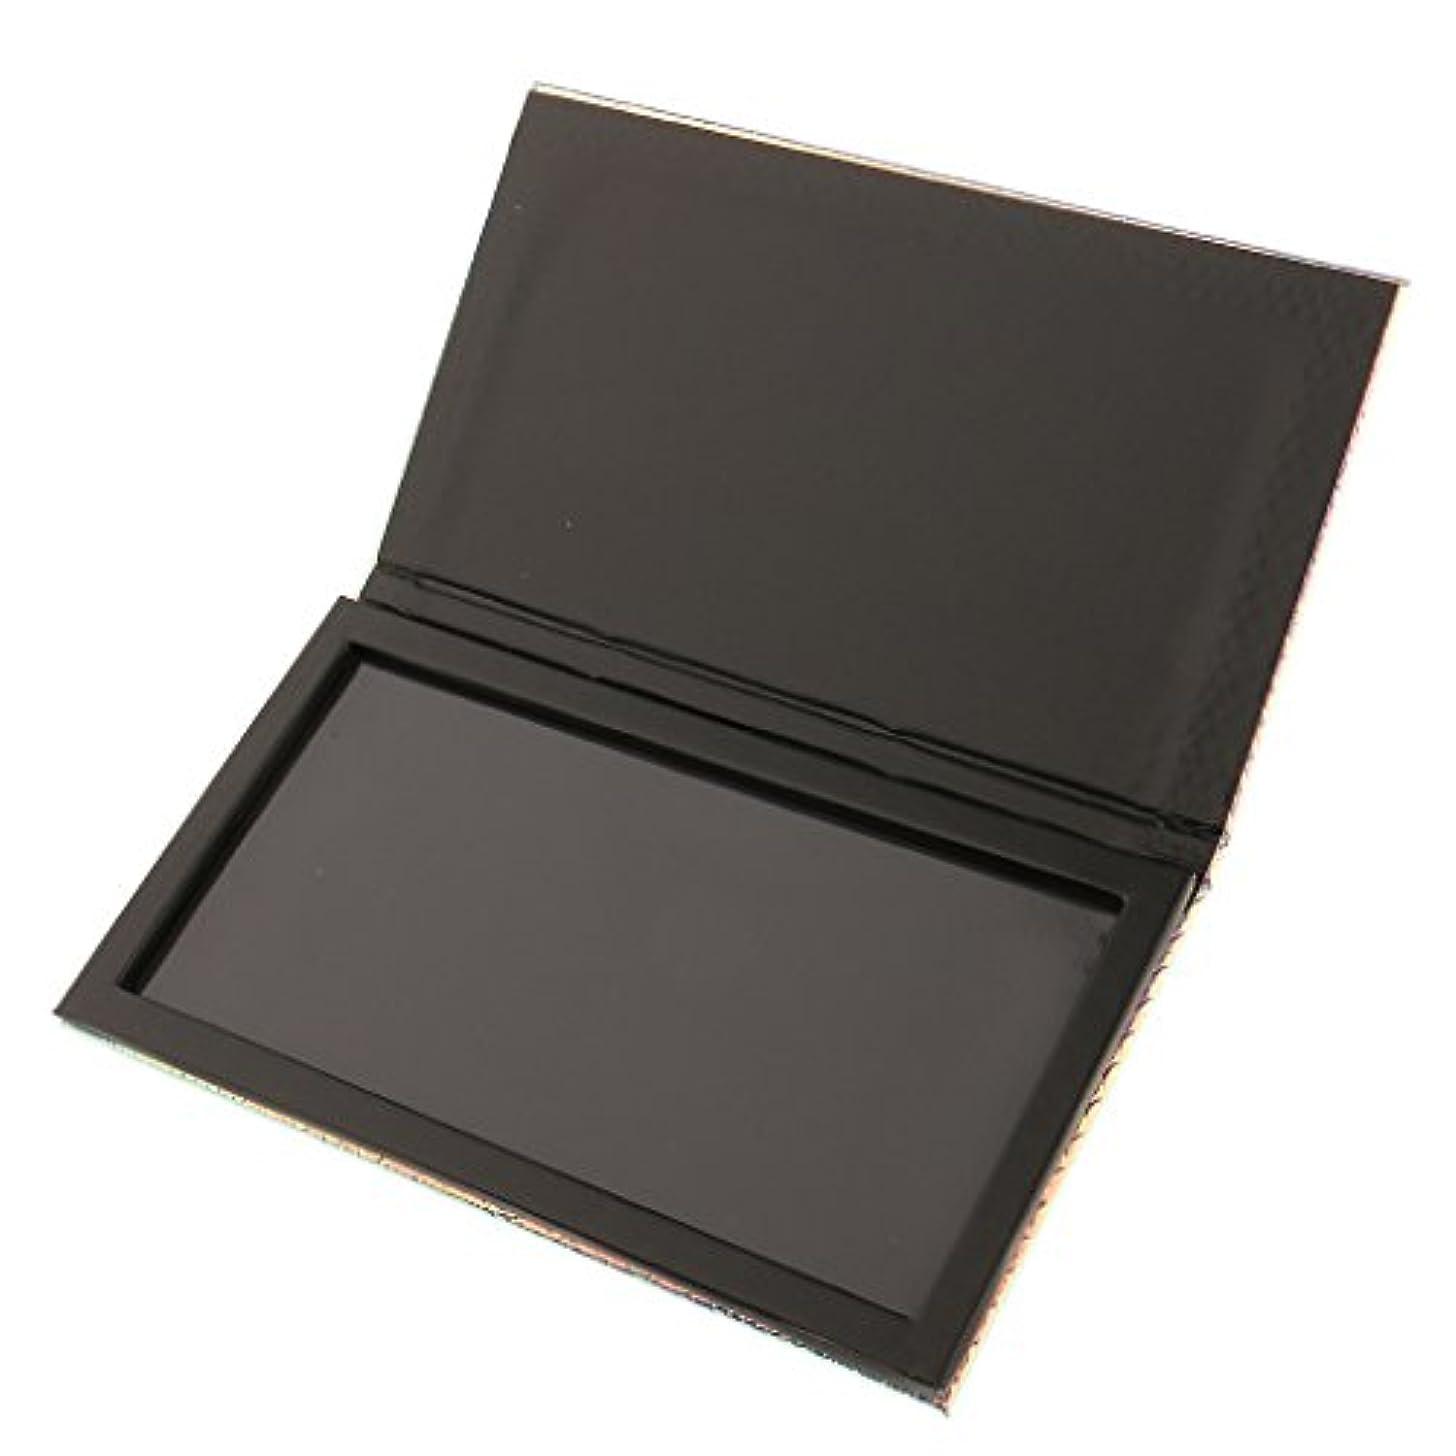 腐敗悪行文明Kesoto 磁気パレットボックス 空の磁気パレット 化粧品ケース メイクアップ コスメ 収納 ボックス 旅行 出張 化粧品DIY 全2サイズ選べ - 18x10cm